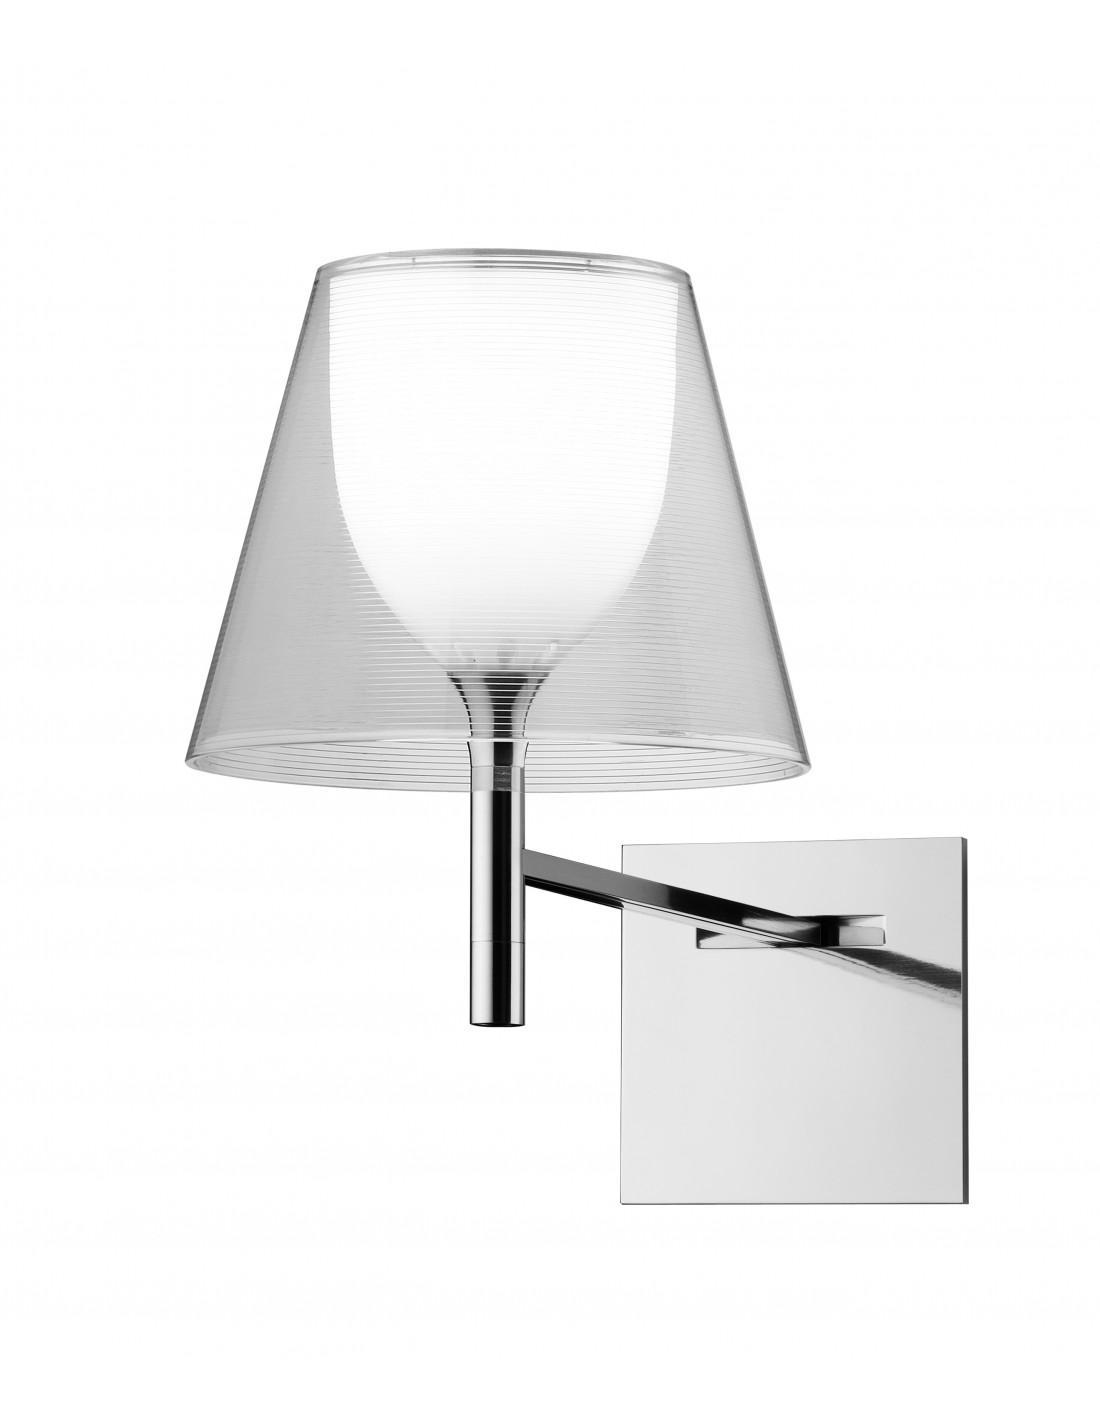 Applique pour lampe Ktribe W transparente de Philippe Starck pour Flos - Valente Design